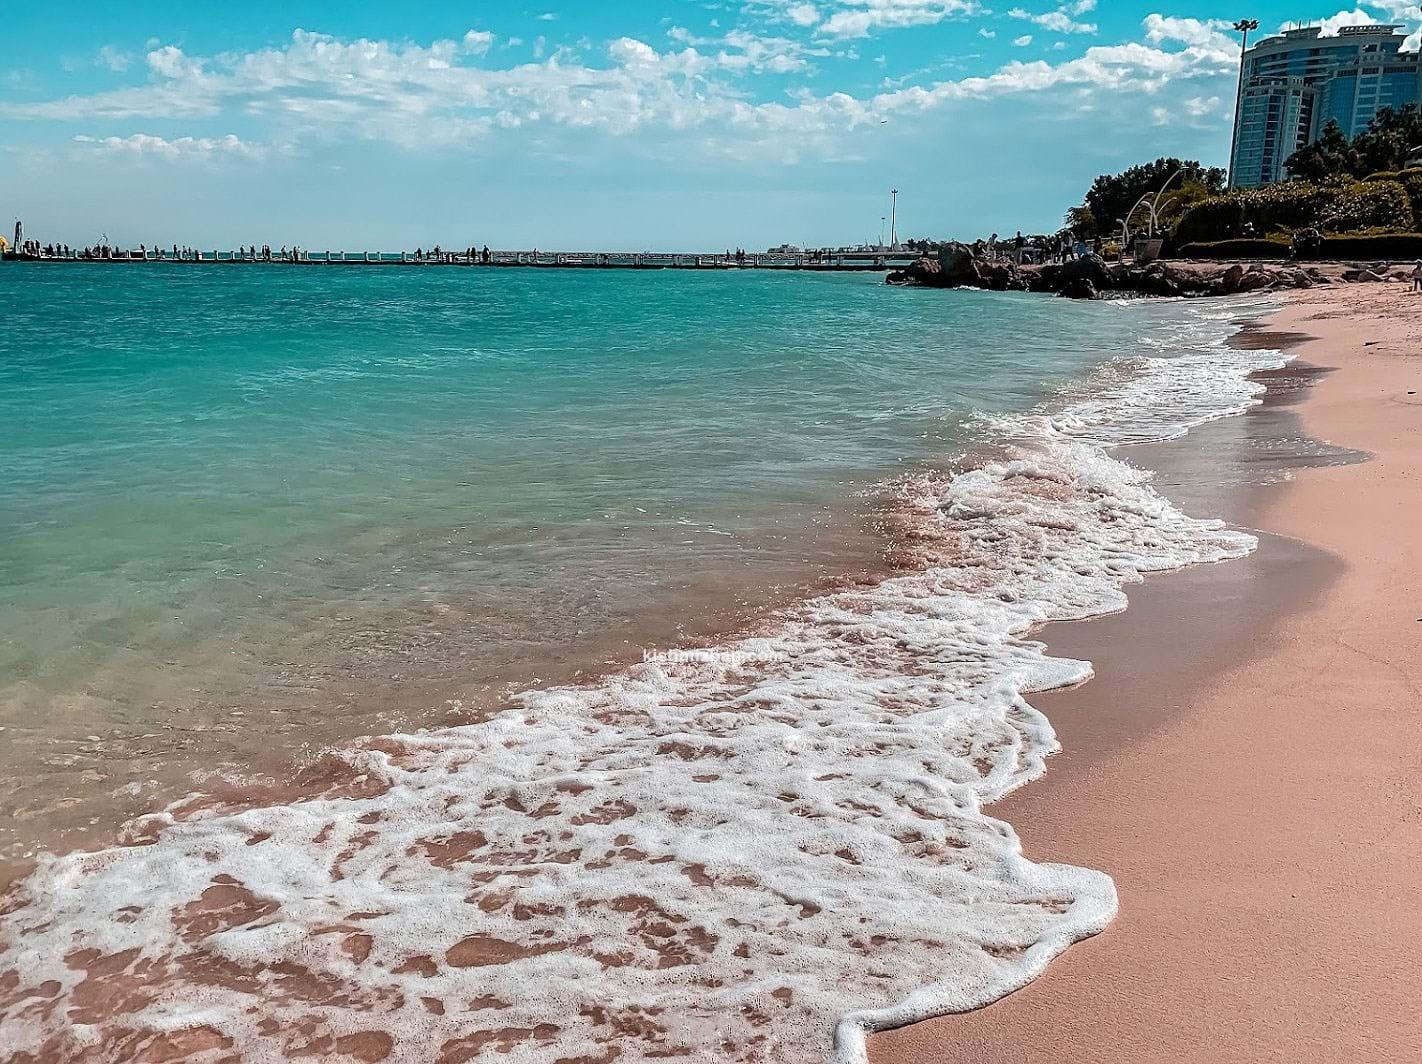 دریای خلیج فارس جزیره کیش